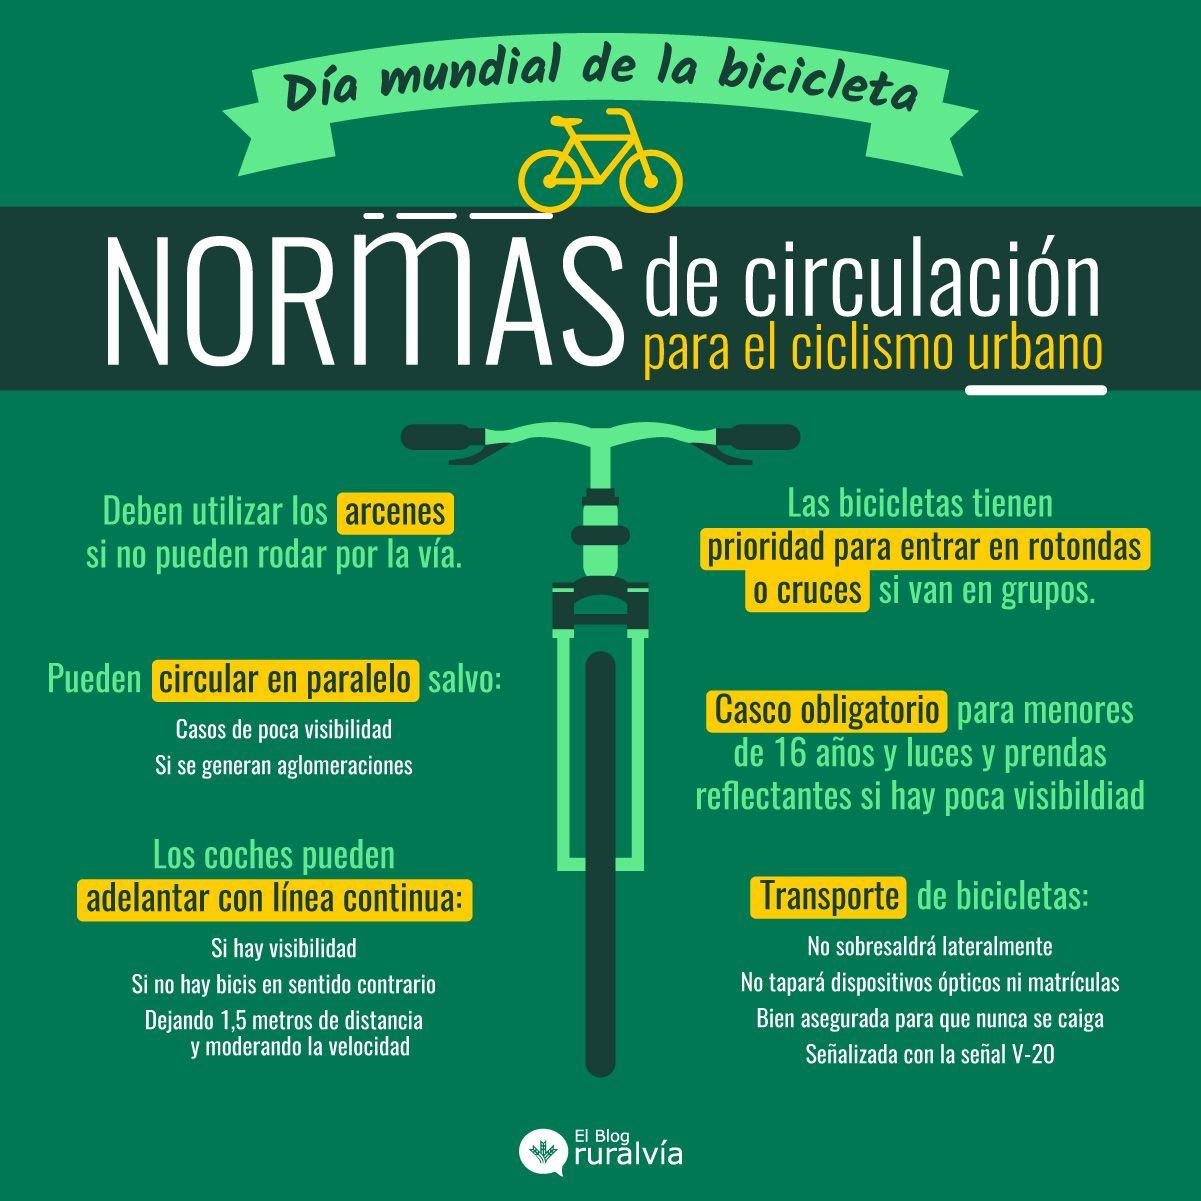 Normas de circulación para el ciclismo urbano